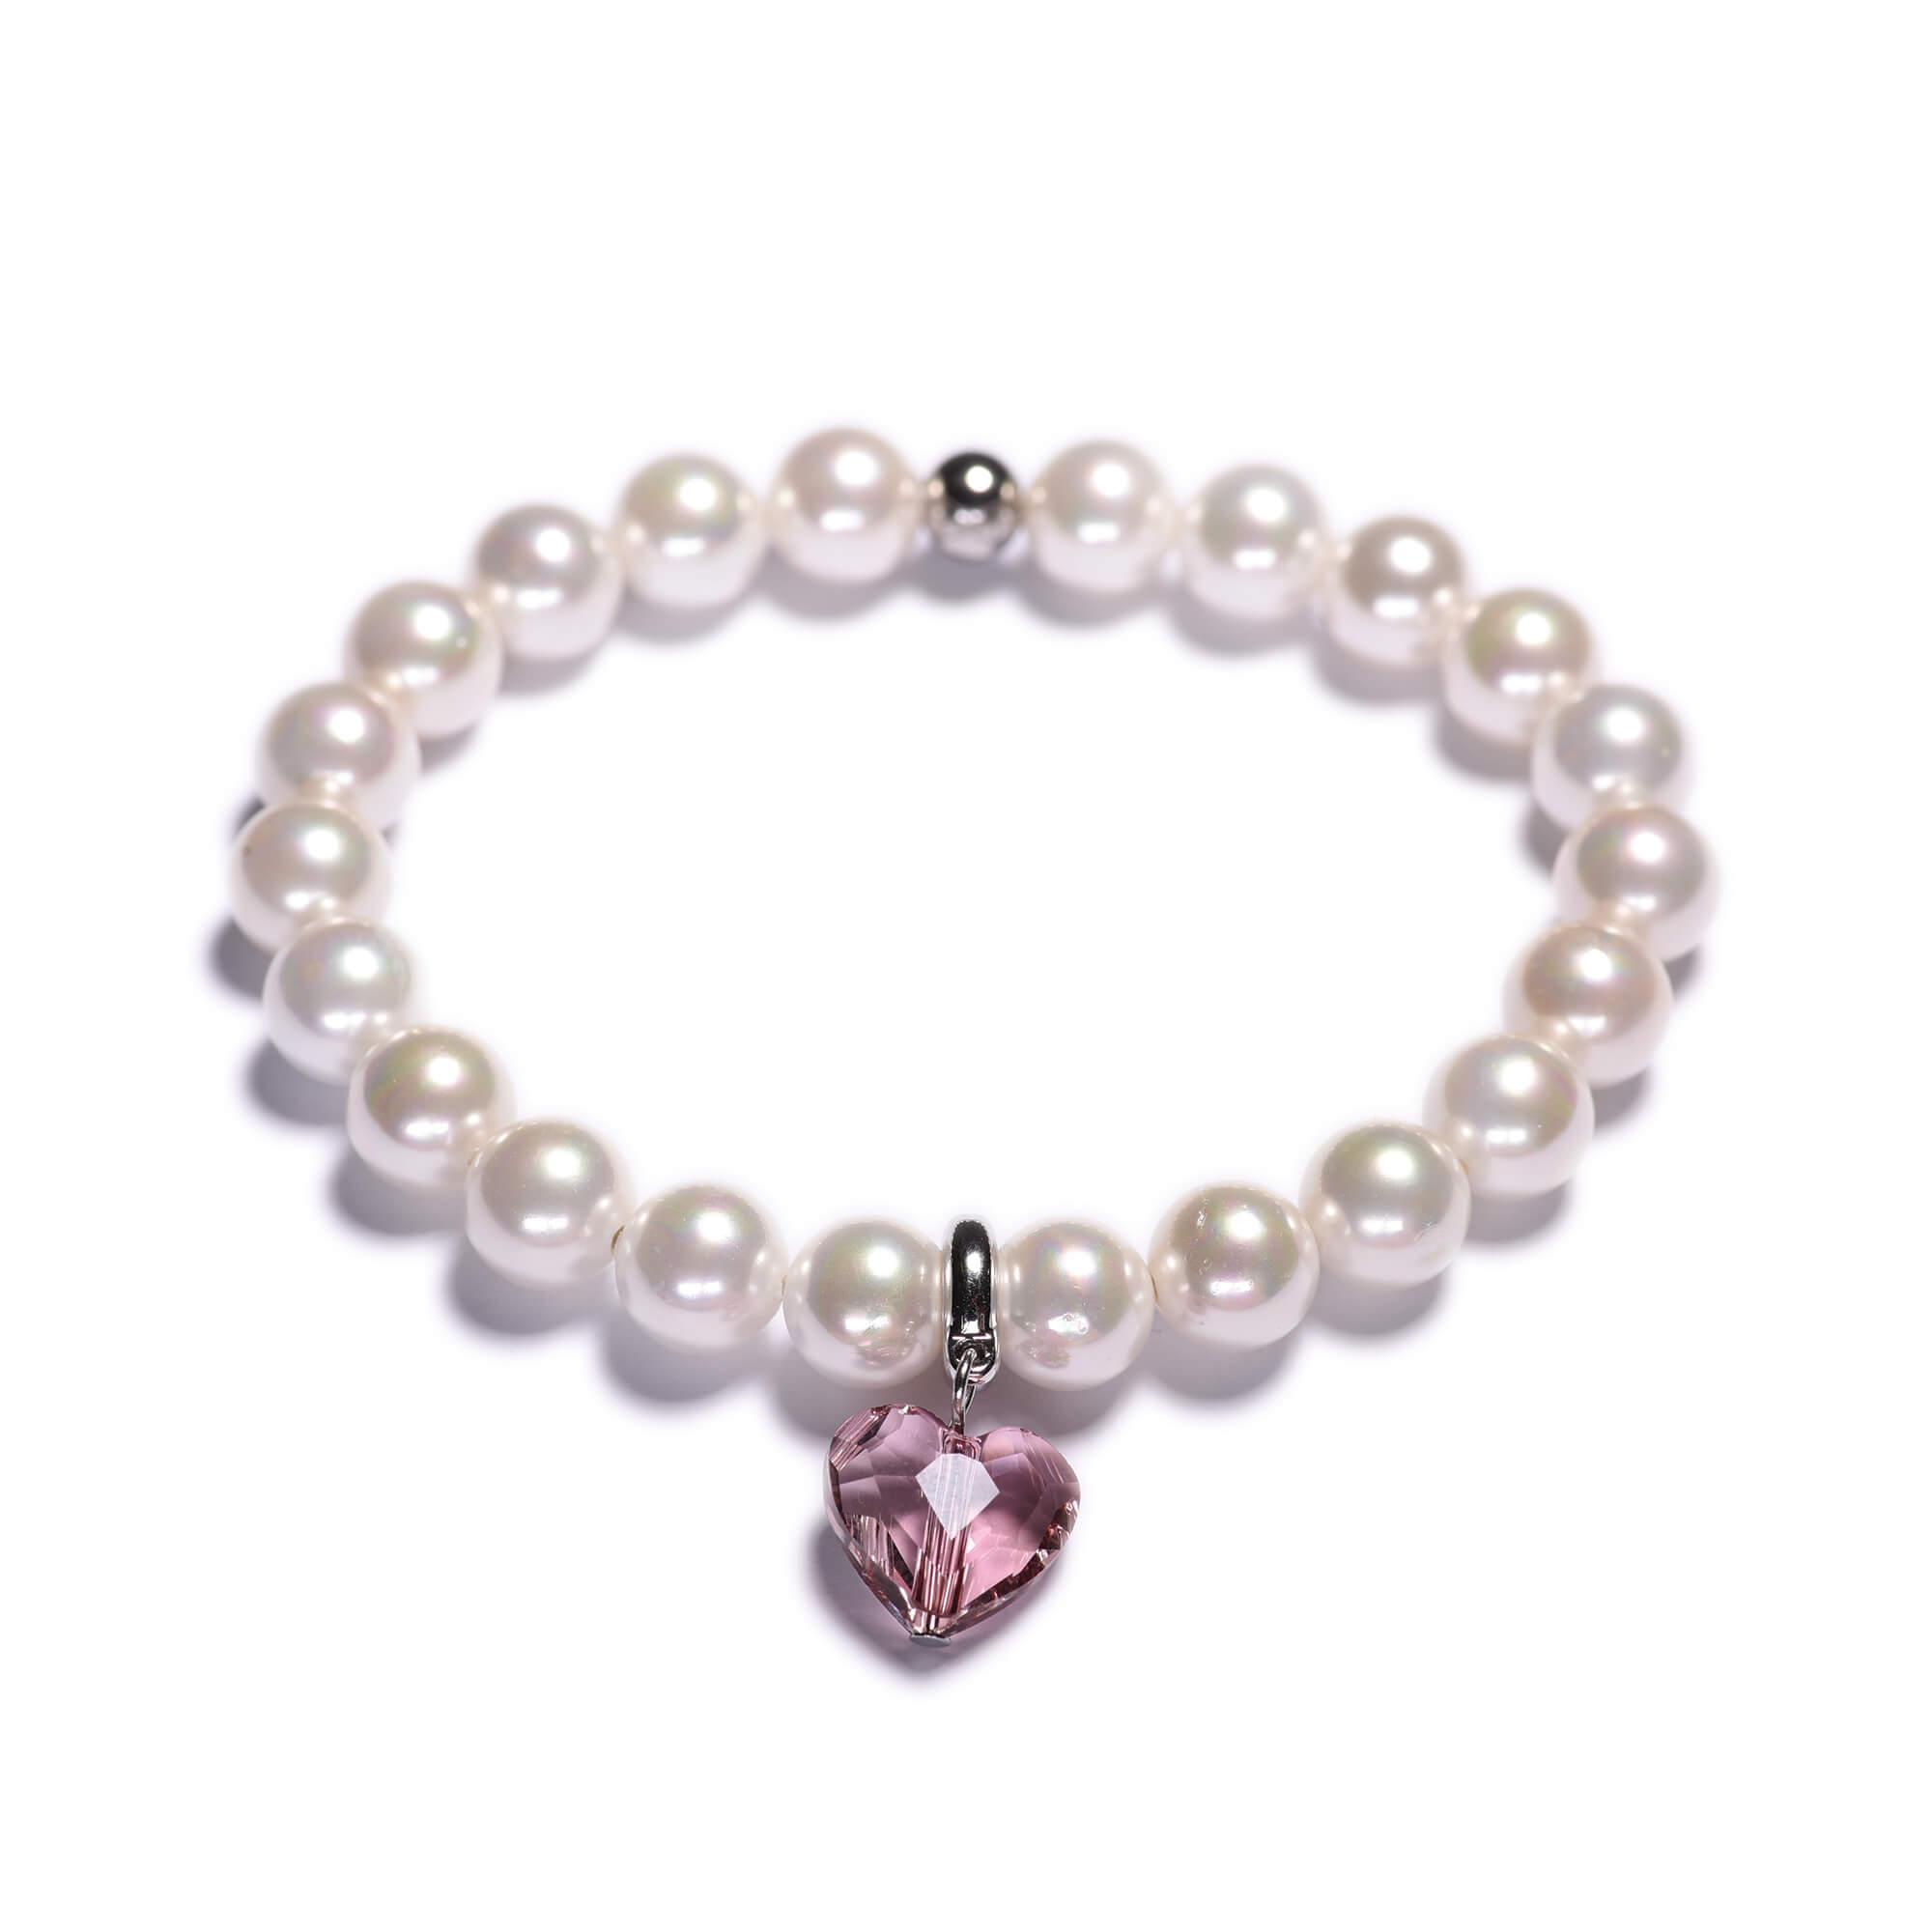 a1db92931 Dámsky perlový náramok – biele shell perly, Swarovského prívesok v tvare  srdca